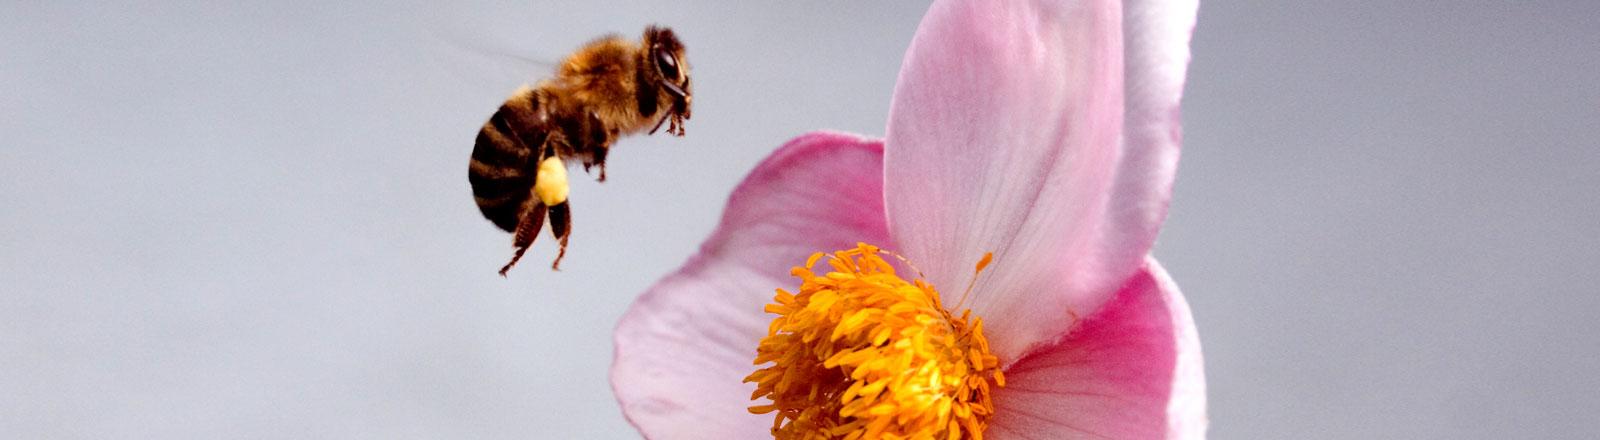 Eine Biene im Landeanflug auf eine Blüte